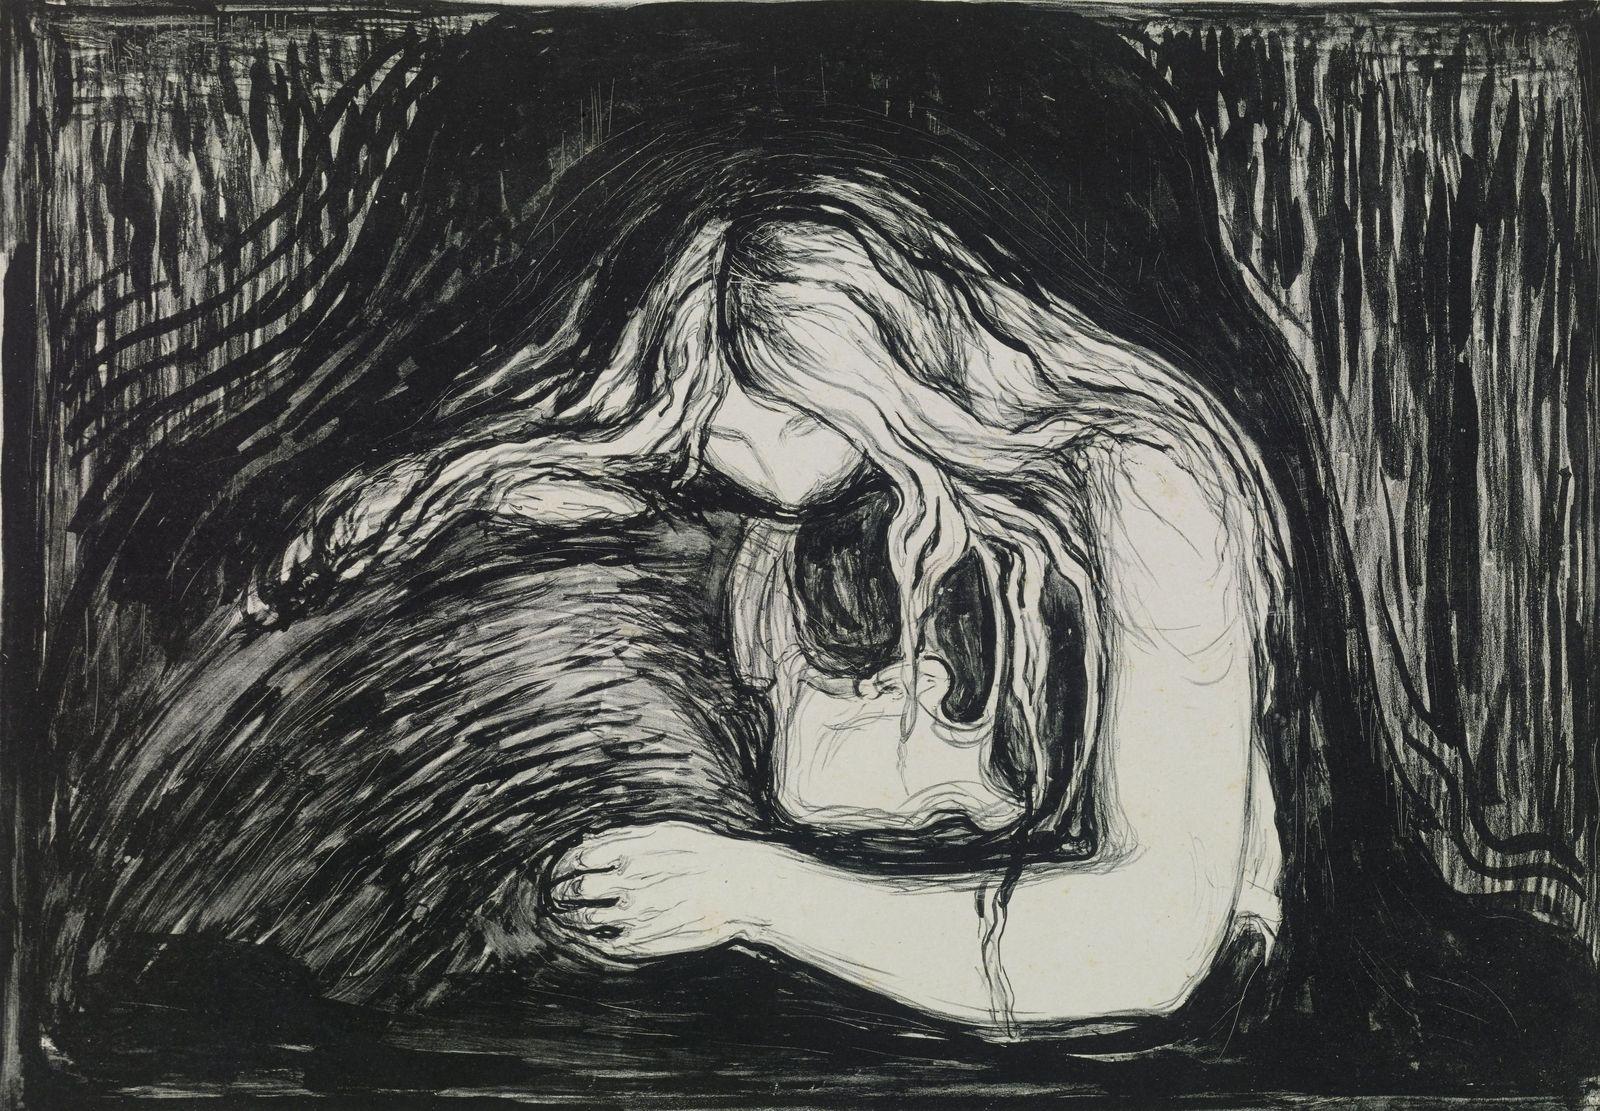 """Edvard Munchs berühmtestes Gemälde """"Der Schrei"""" ist eine wahrhaft unheimliche Darstellung. Doch auch seine Vampirzeichnungen – hier """"Vampir II"""" von 1895 – lassen einem das Blut in den Adern gefrieren – zumindest, bis eine der nächtlichen Kreaturen es uns aussaugt. Foto: bpk / Kupferstichkabinett, Volker-H. Schneider"""